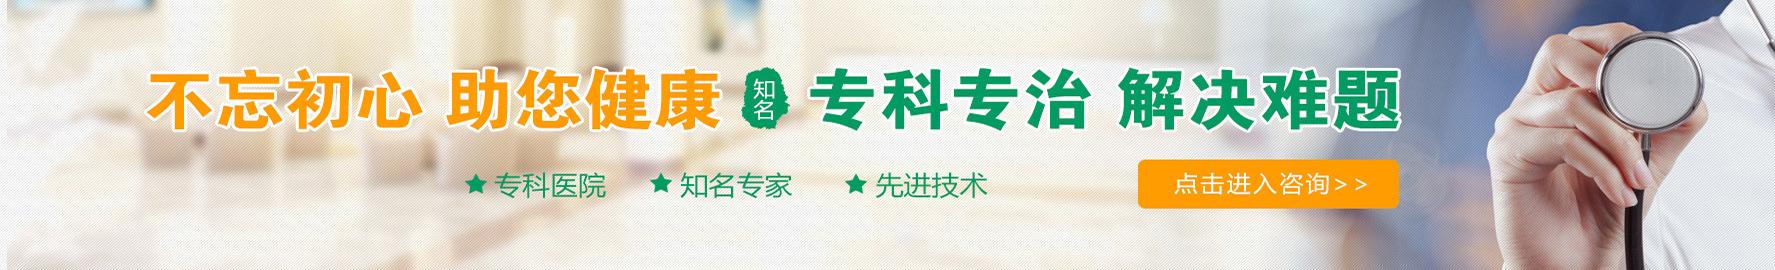 太原中医白癜风医院